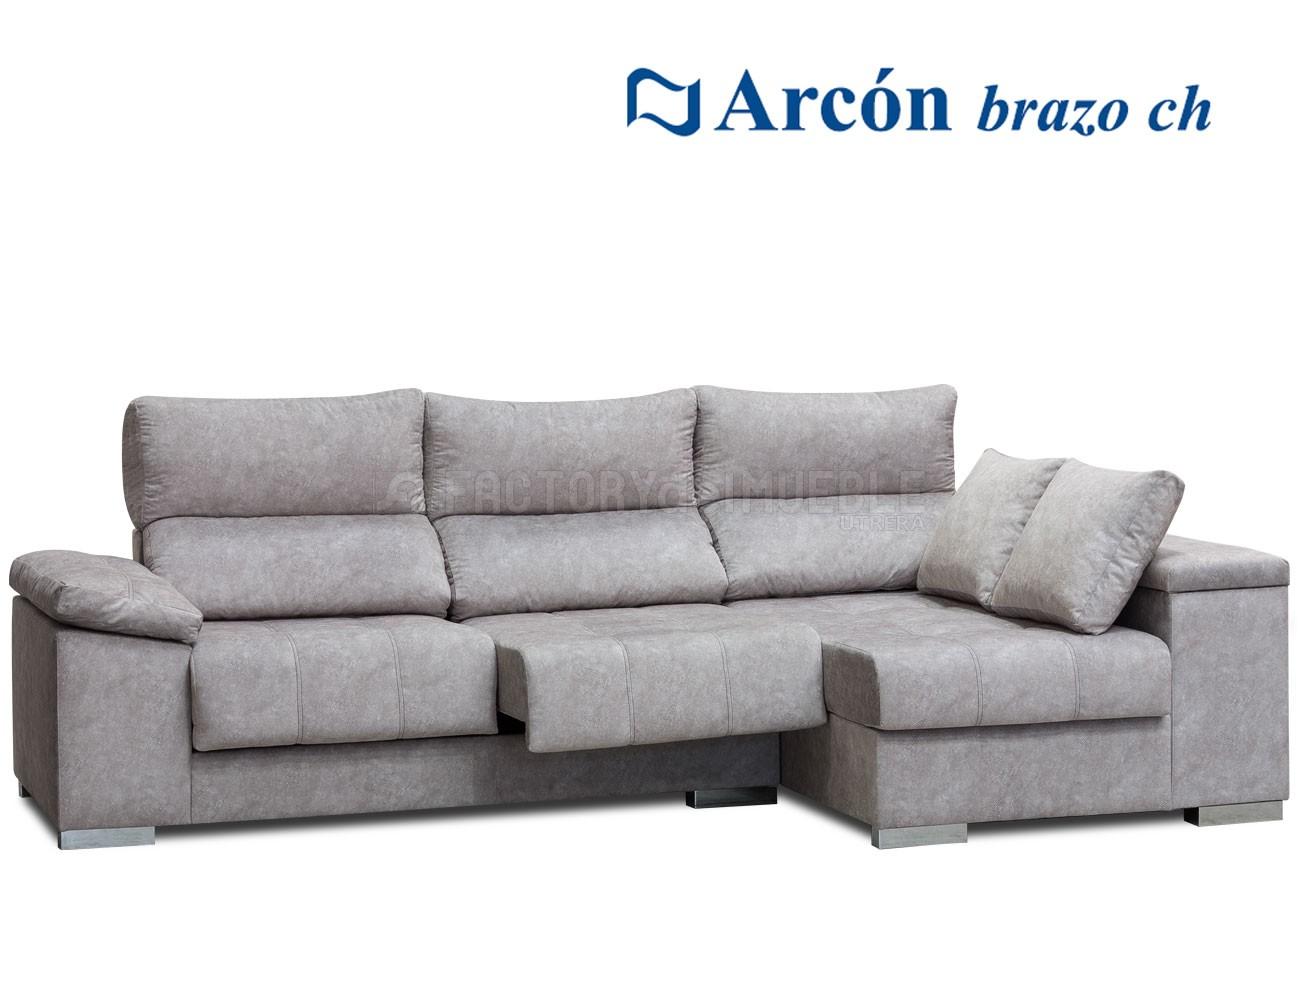 Sofá chaiselongue con arcón en brazo, 2 taburetes grandes en tejido ...